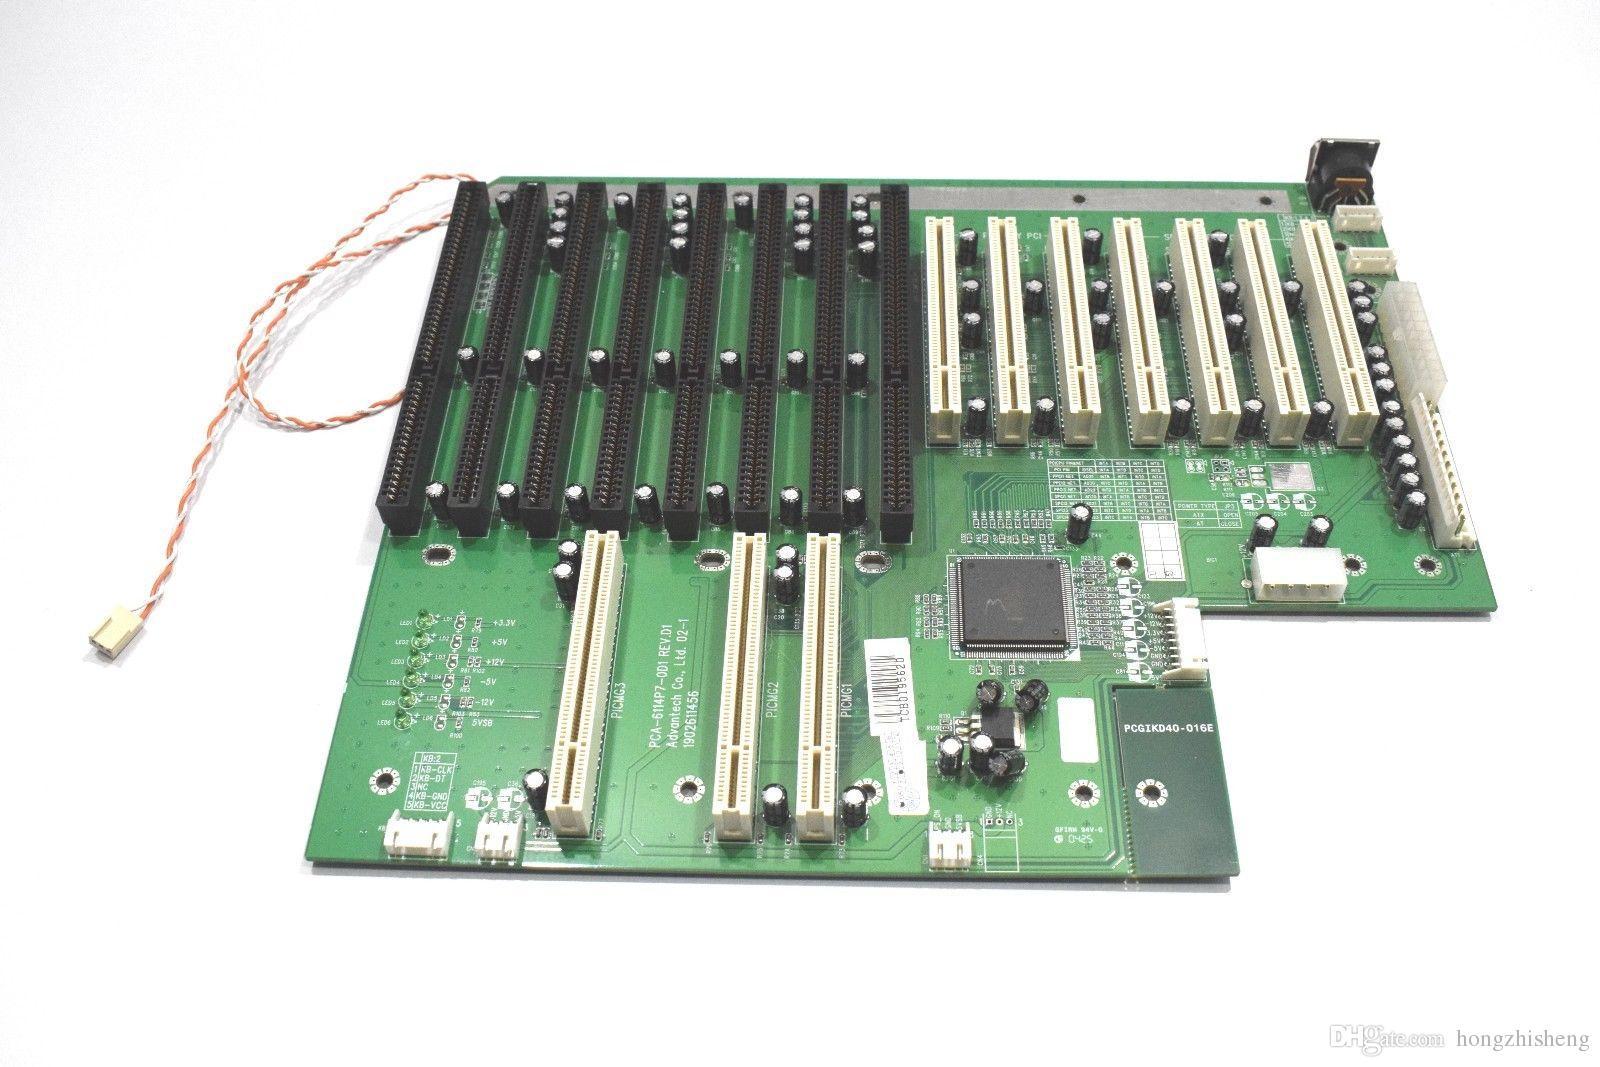 Первоначально промышленная доска PCA-6114p7 Rev. D3 IPC hine низкопробная испытанное 100% совершенное качество